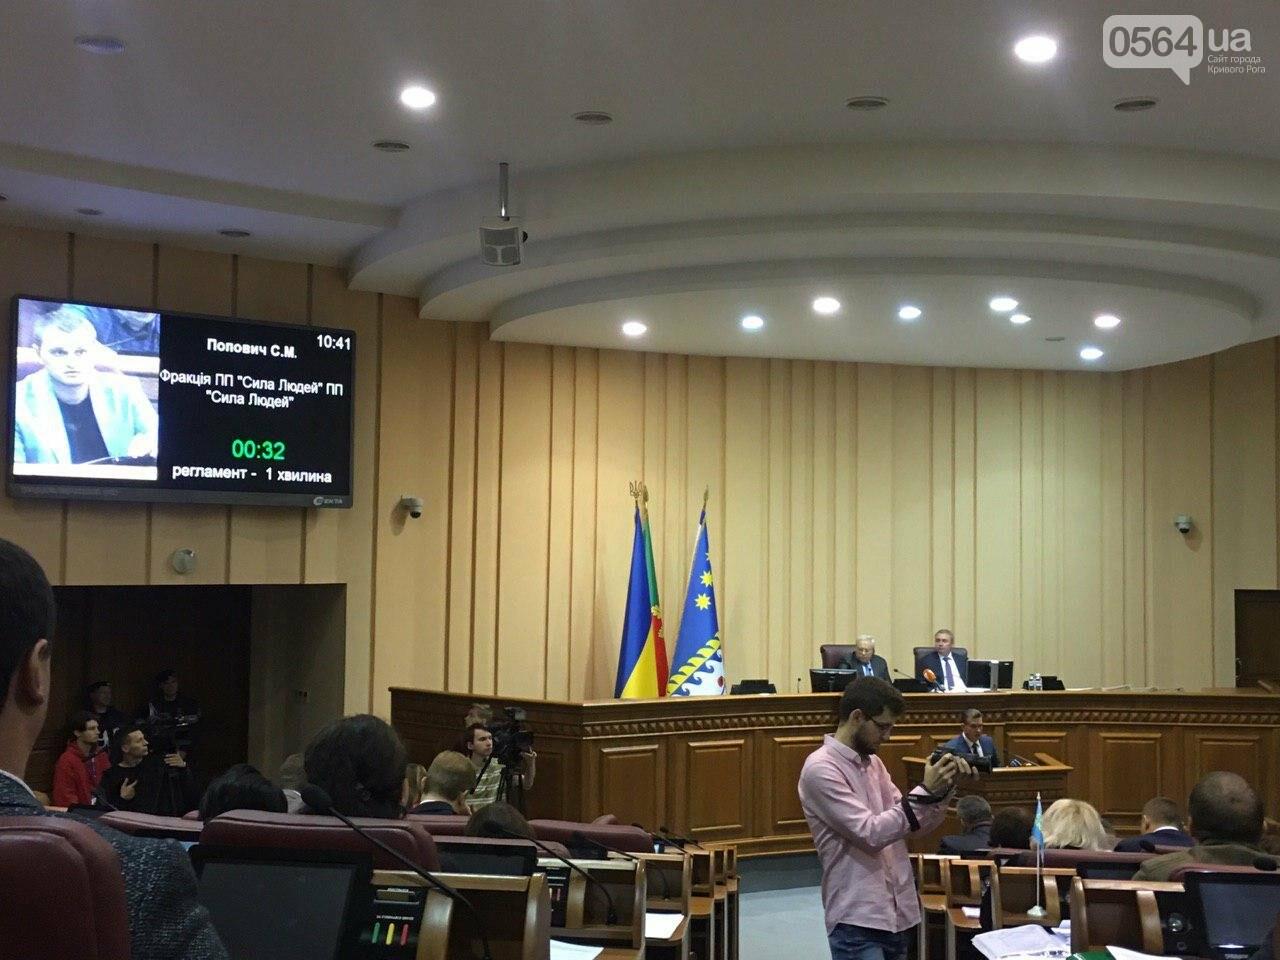 Криворожский городской совет не доверил экс-нардепу Павлову должность заместителя мэра, - ФОТО, фото-3